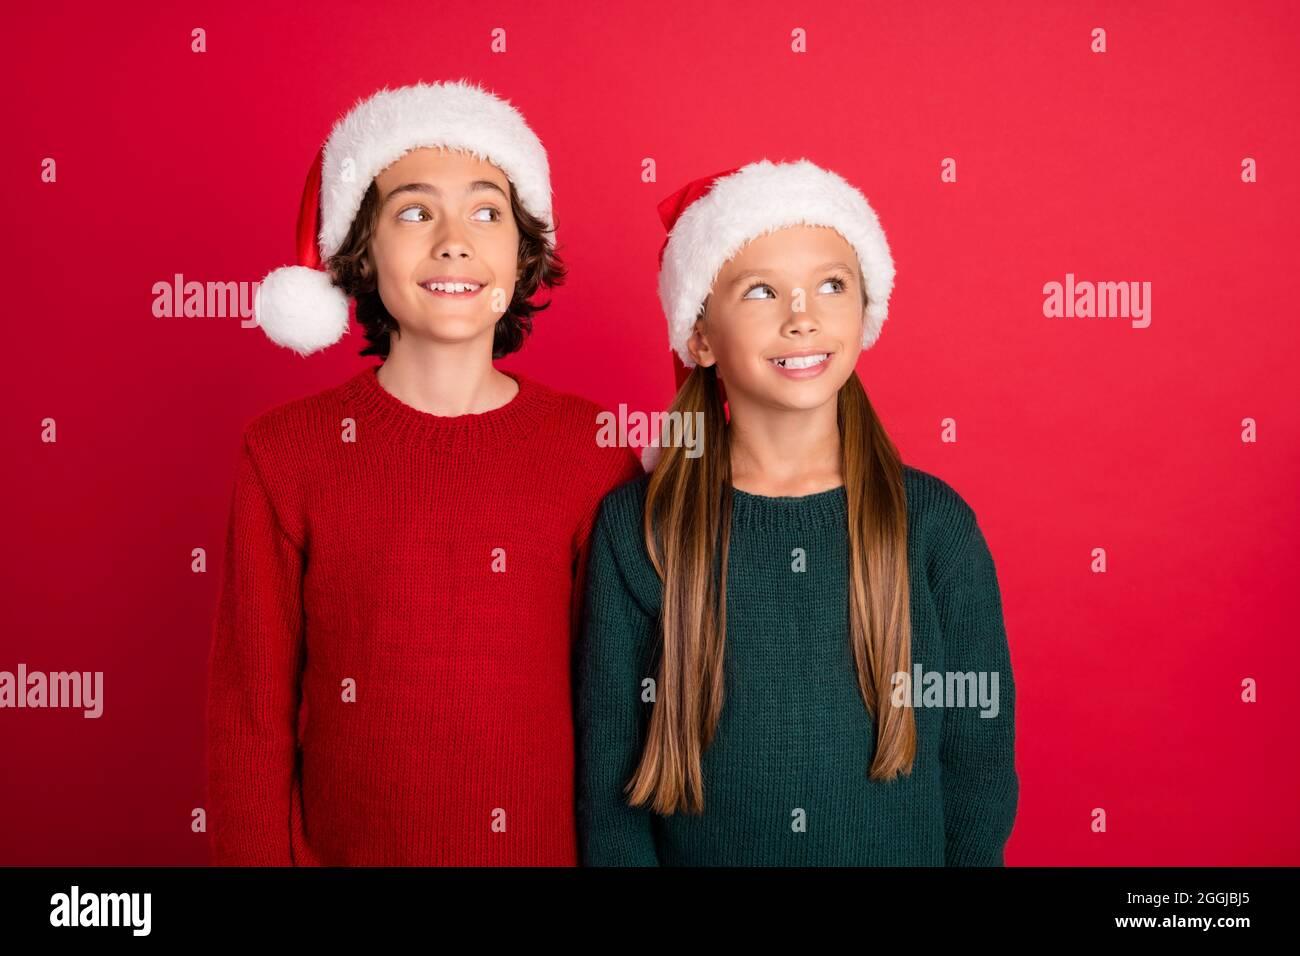 Ritratto di due amici allegri e attraenti che indossano un cappellino festale che fantasiizza isolato su sfondo rosso brillante Foto Stock